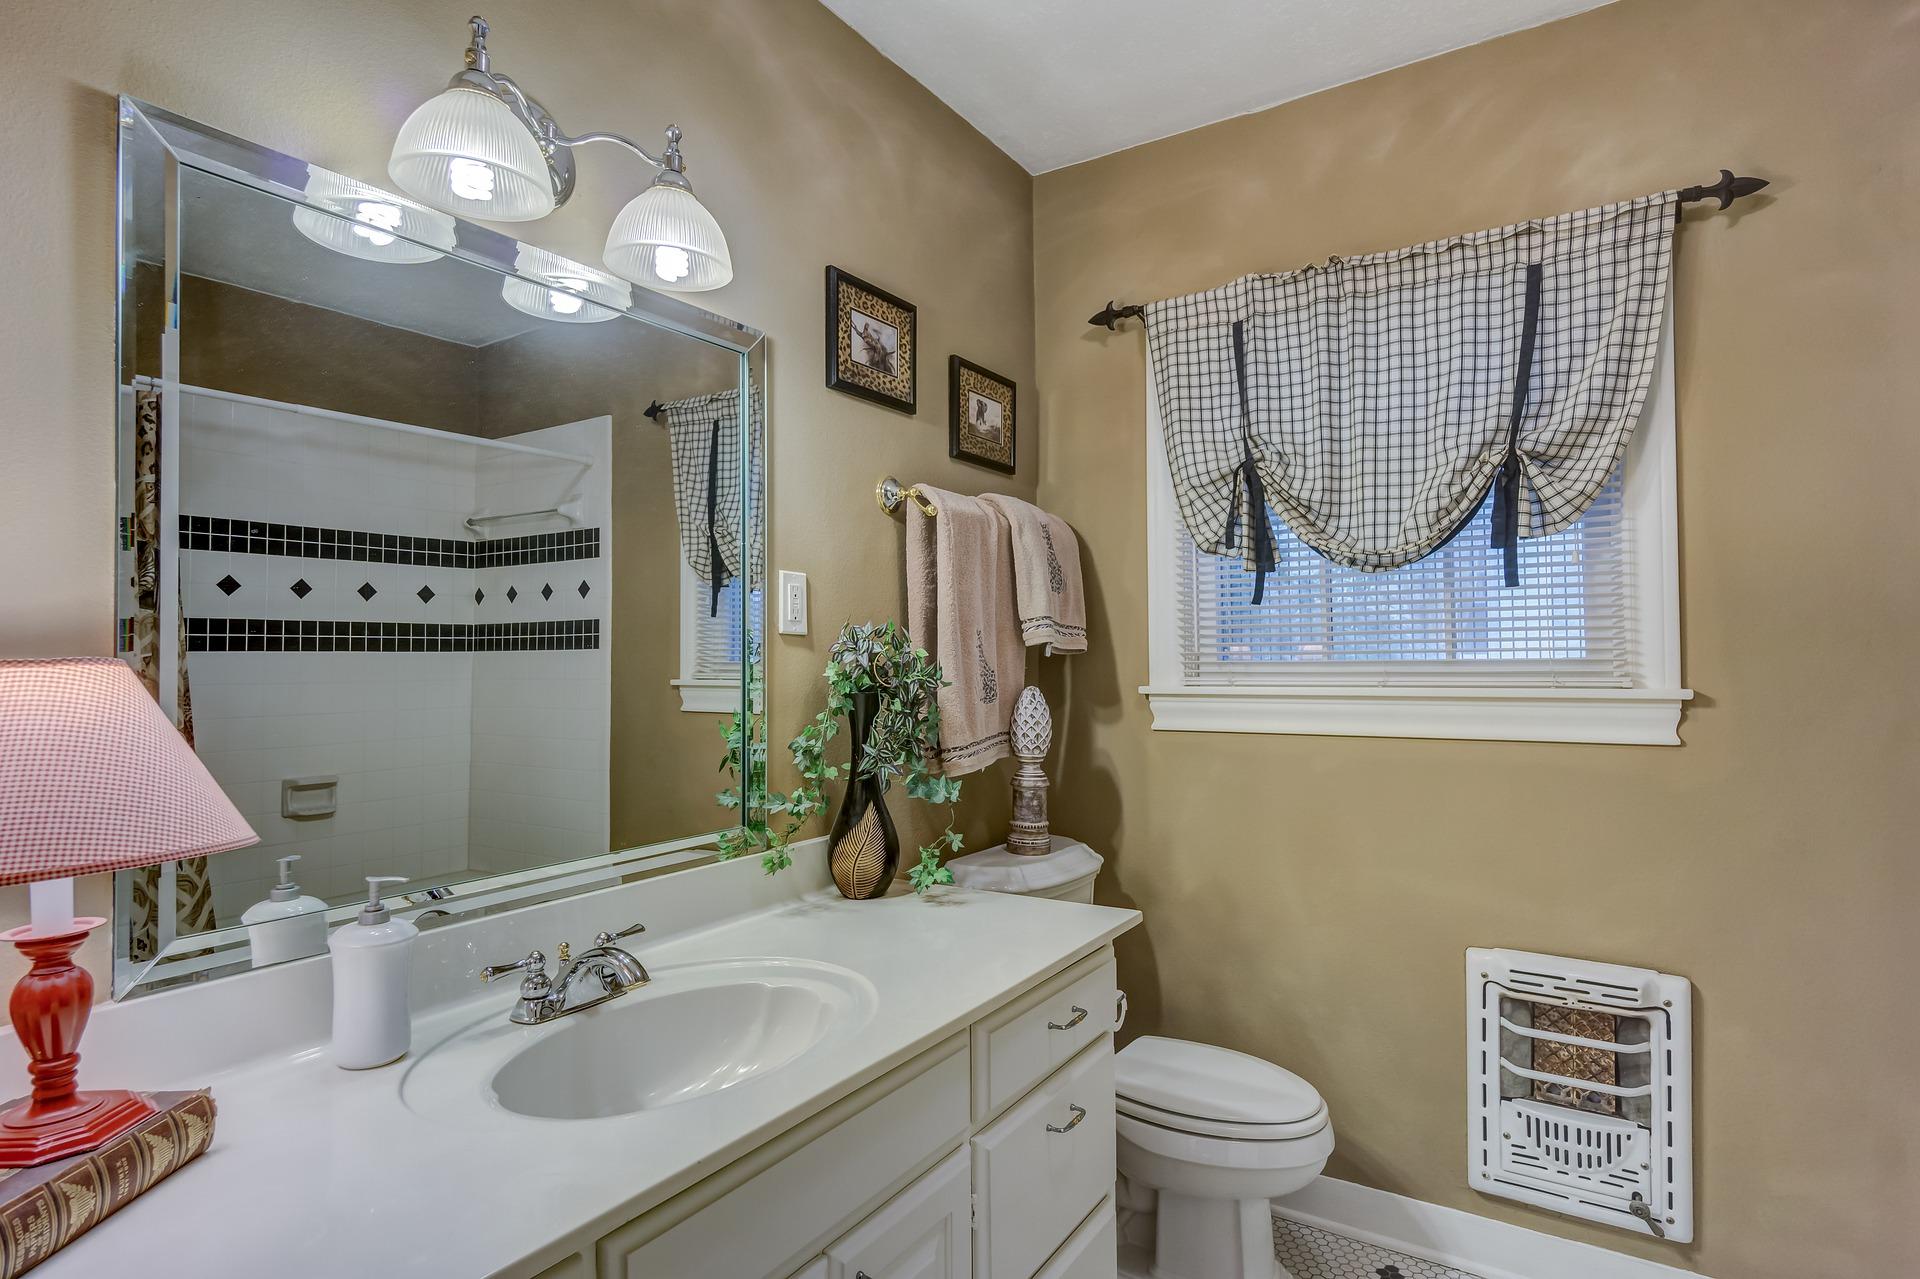 Ideen für ein schönes Badezimmer